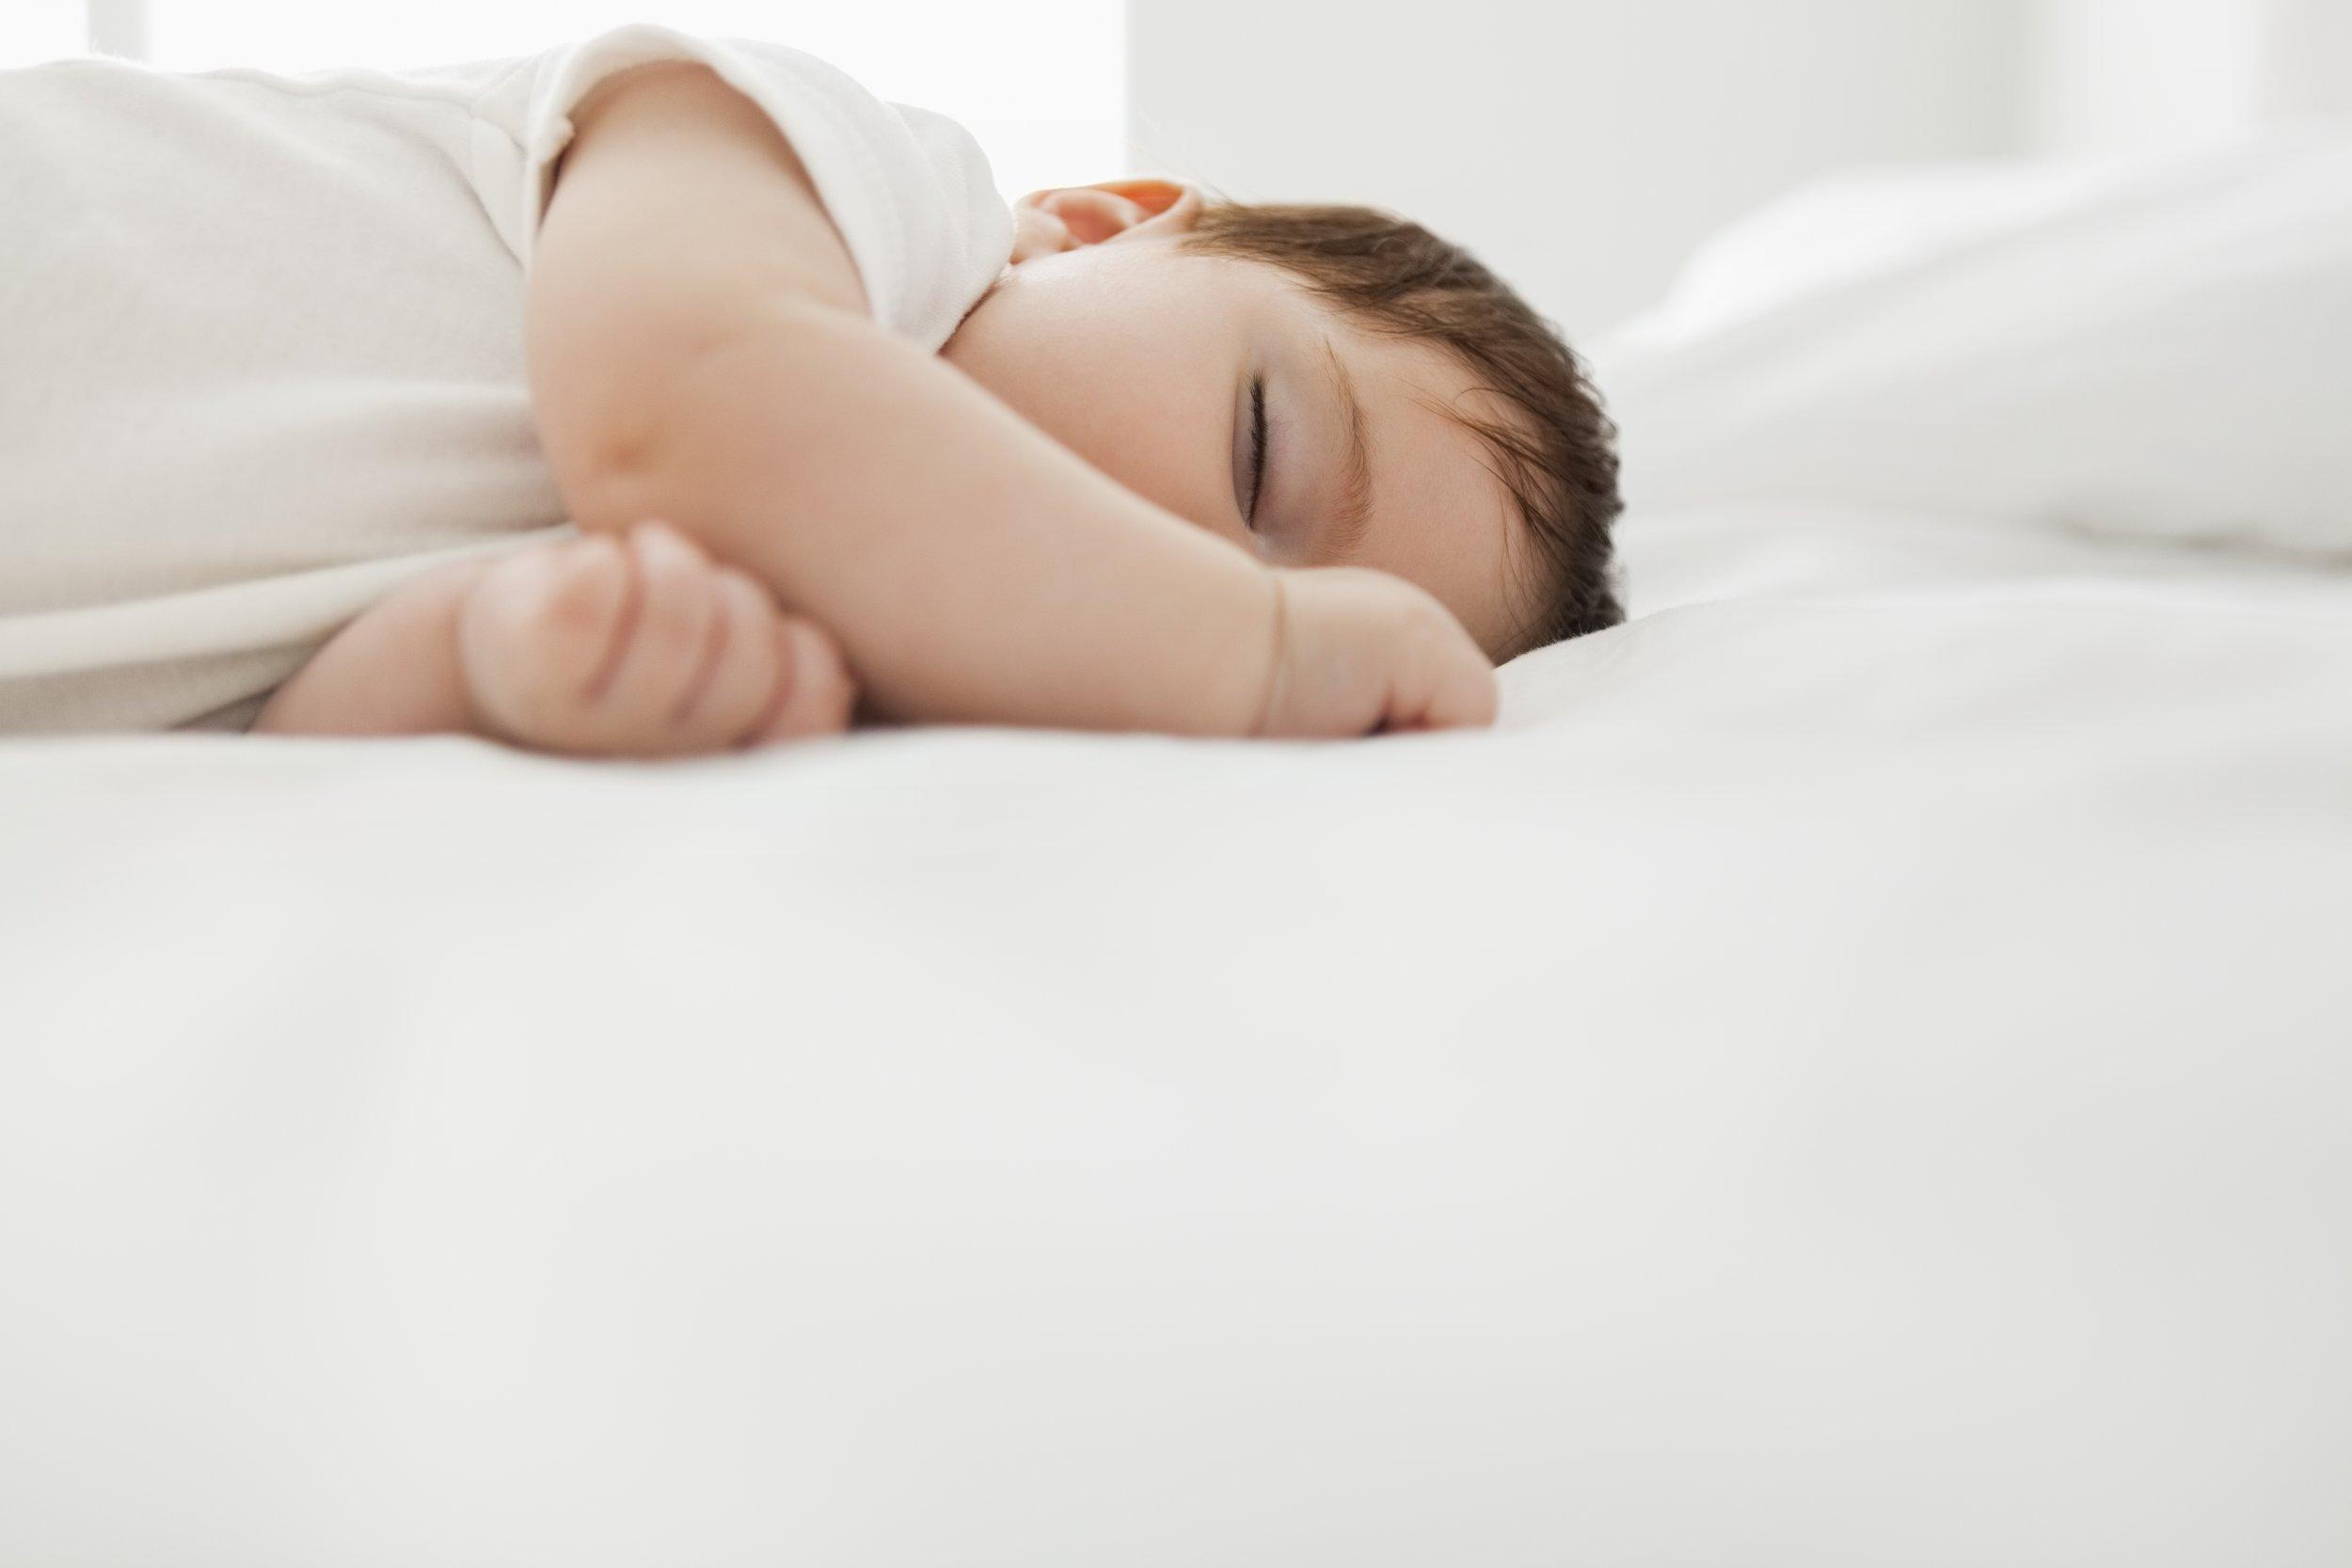 1201_BabySleep_01